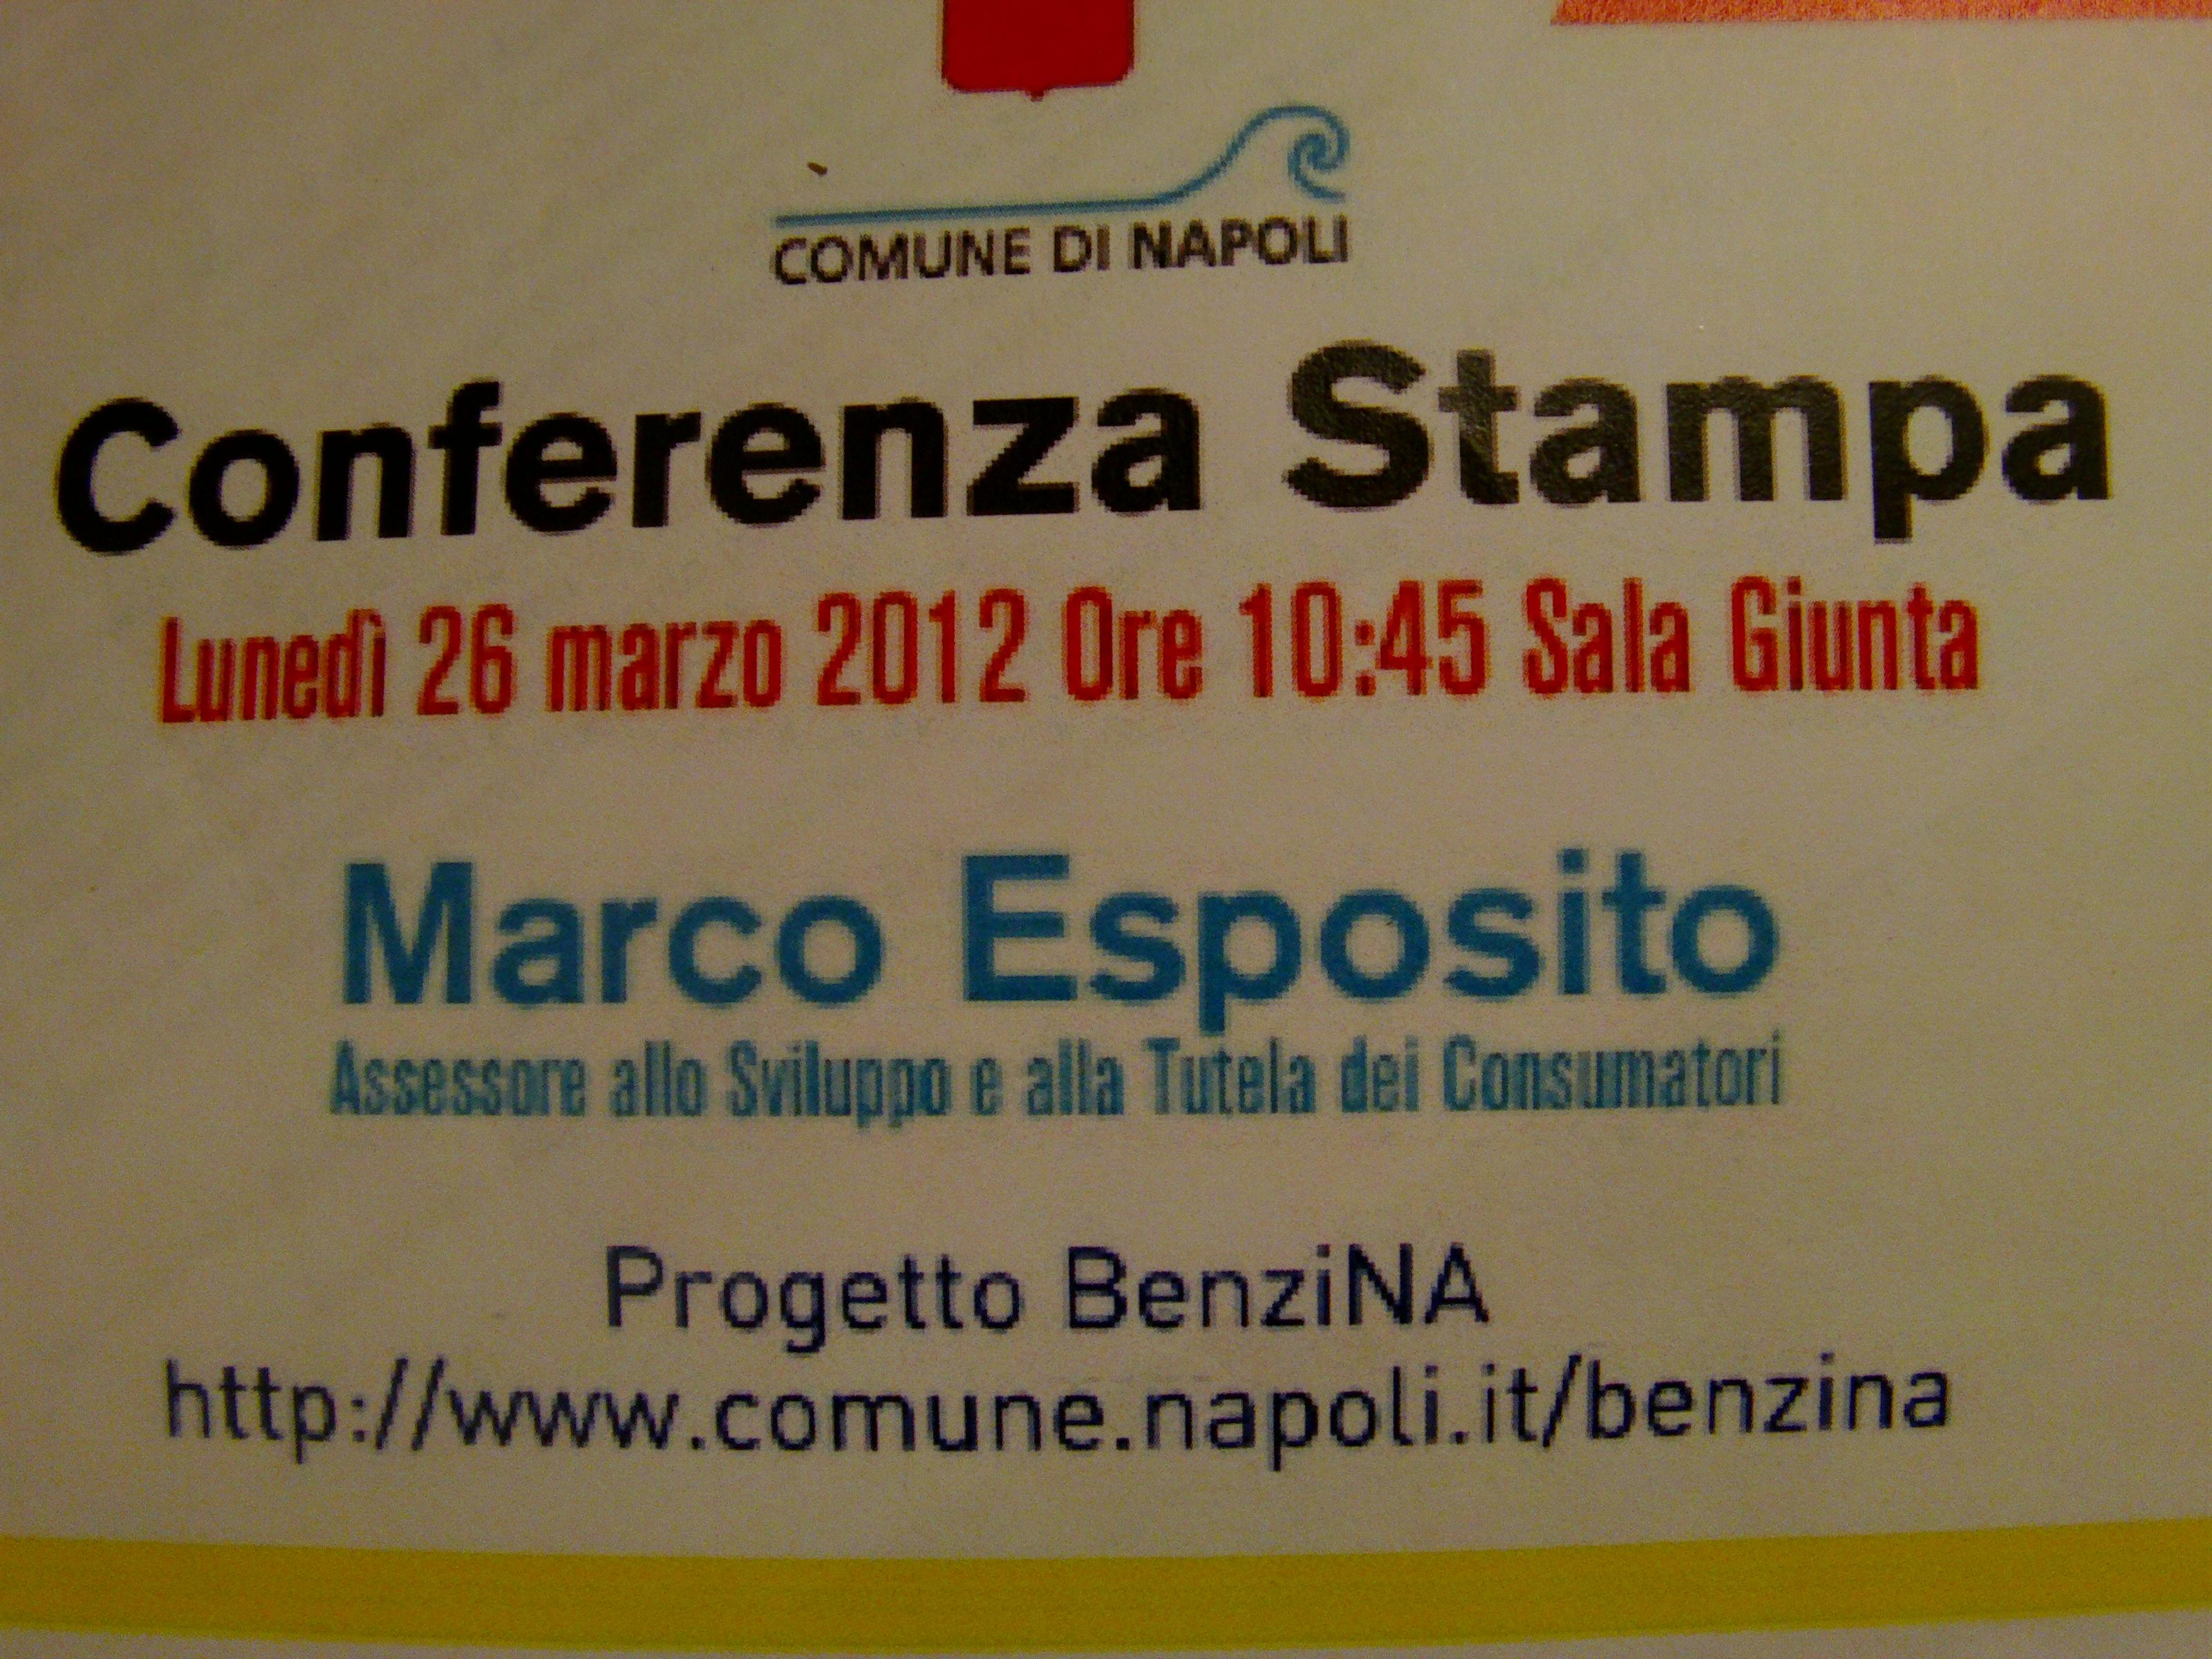 Progetto BenziNA: conferenza stampa al Comune di Napoli